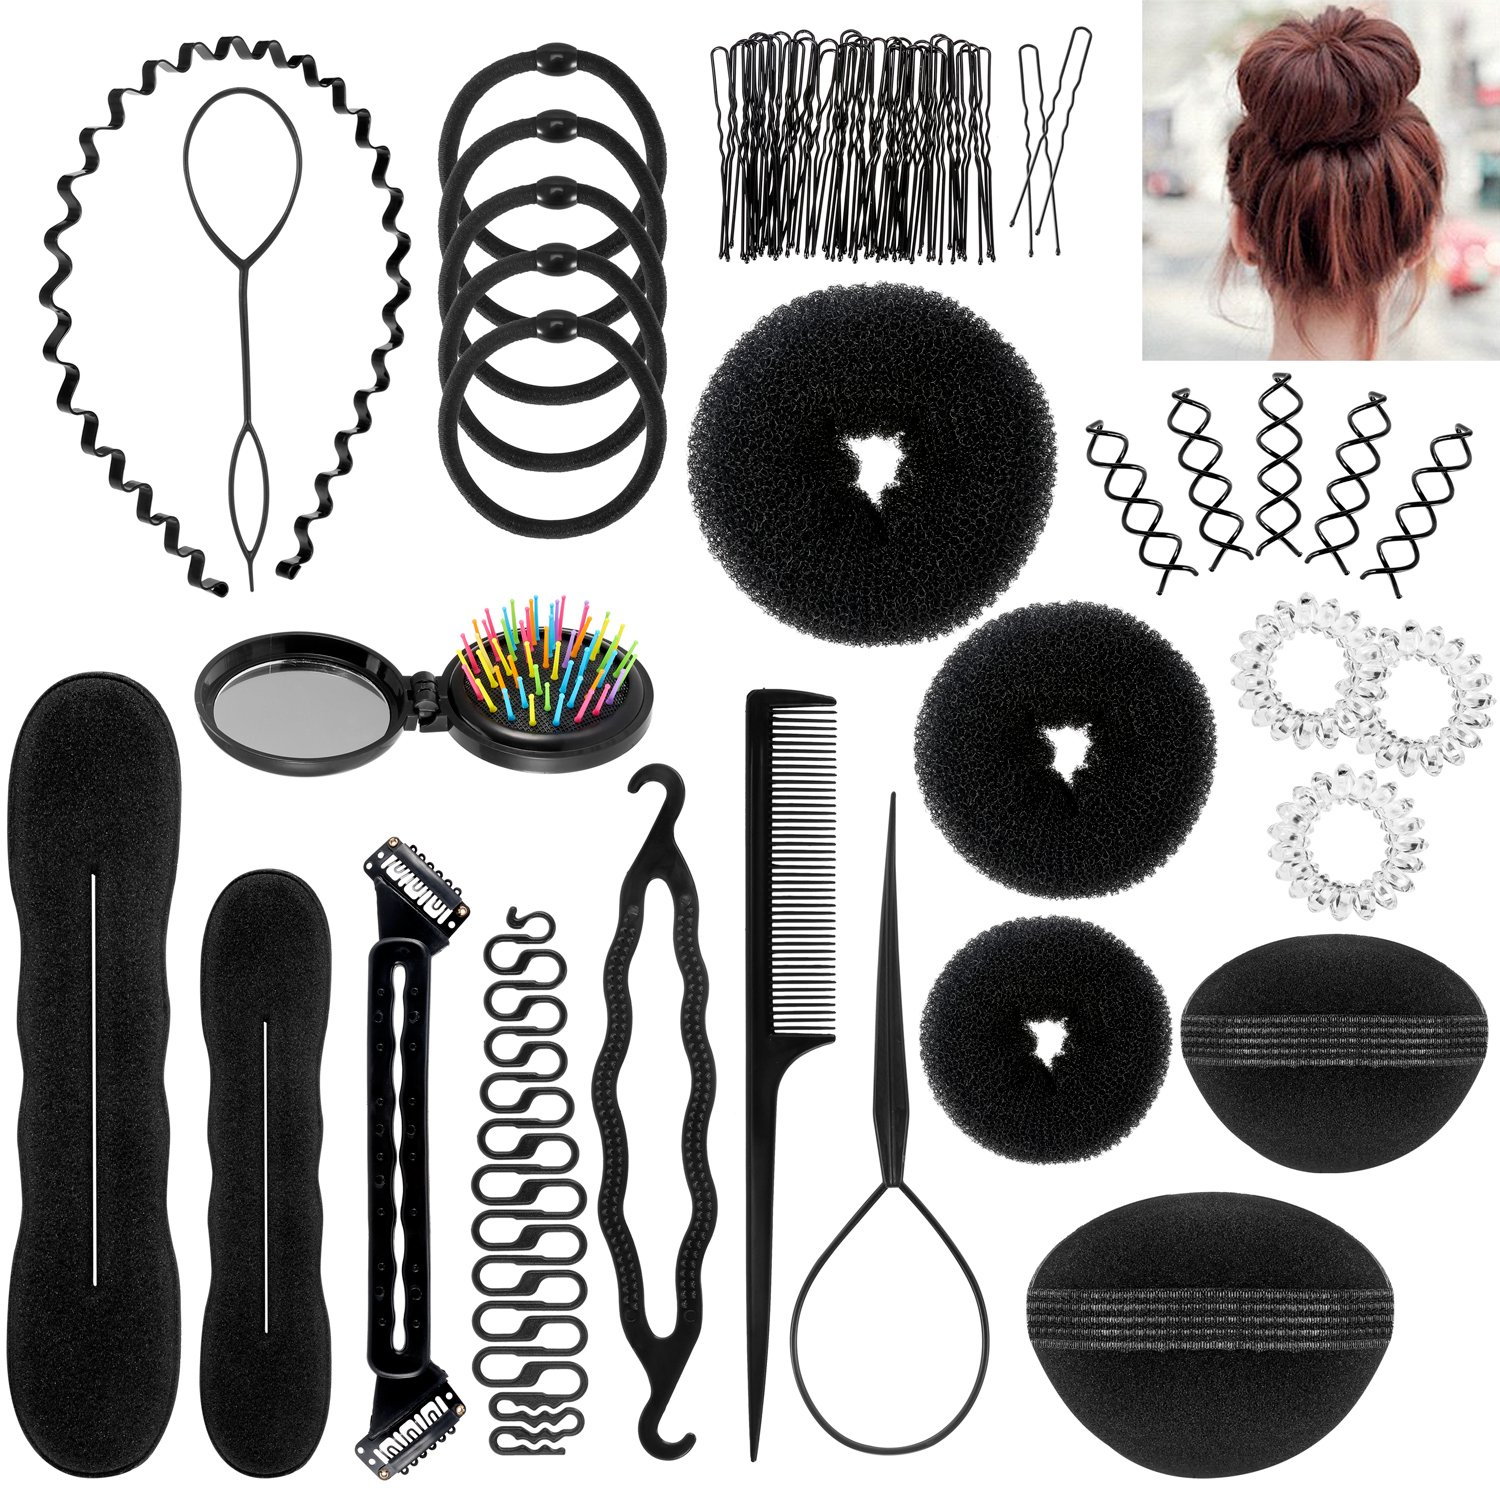 ivencase Accessori Per Capelli Pins Capelli, 28 Tipi set di acconciature Hair Styling Tool, Mix Accessori Set Gioielli per Capelli Donne Ragazze per DIY